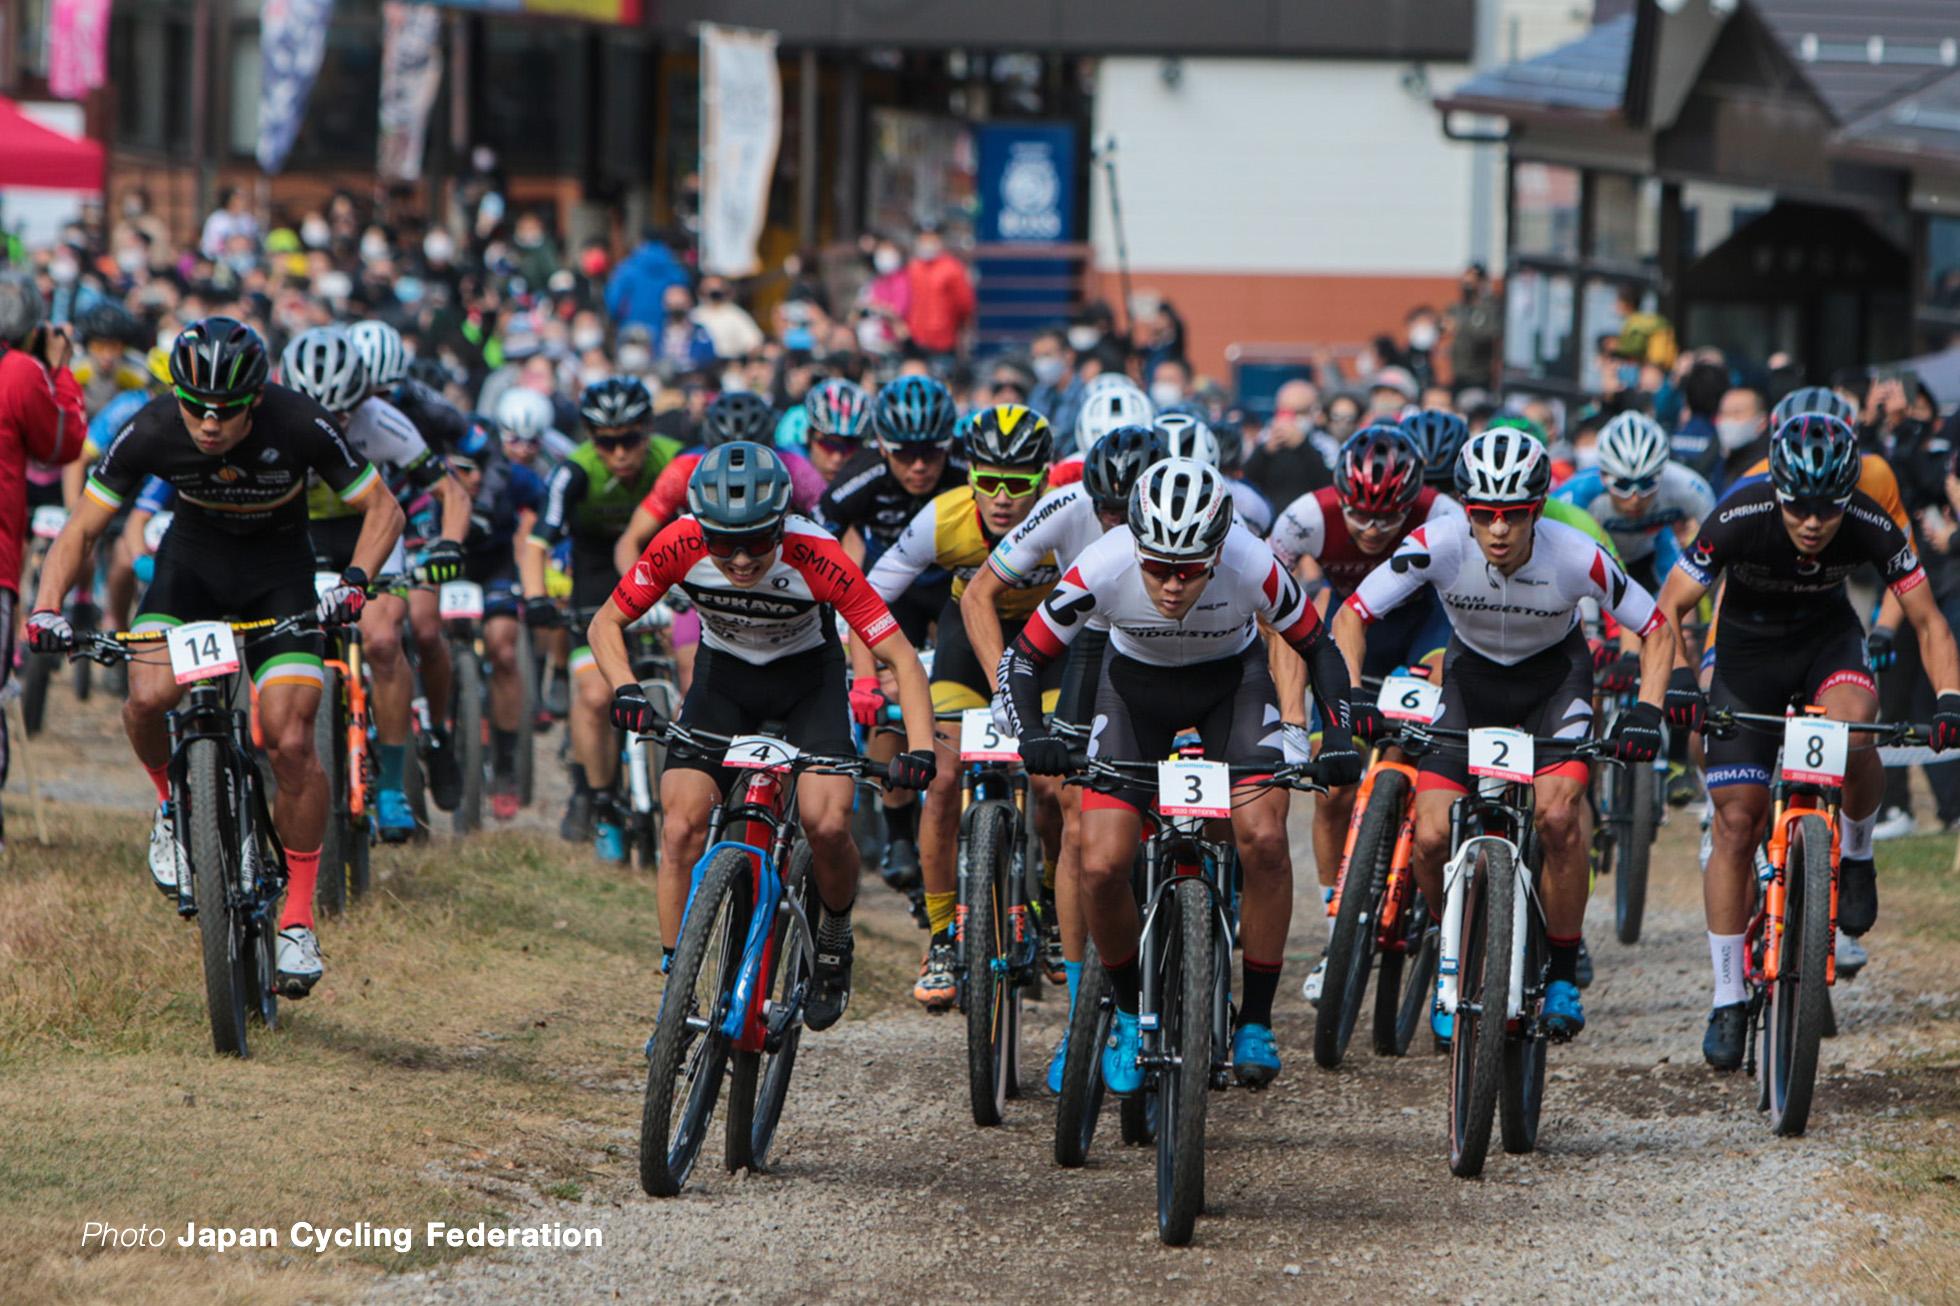 第33回全日本自転車競技選手権 XCO